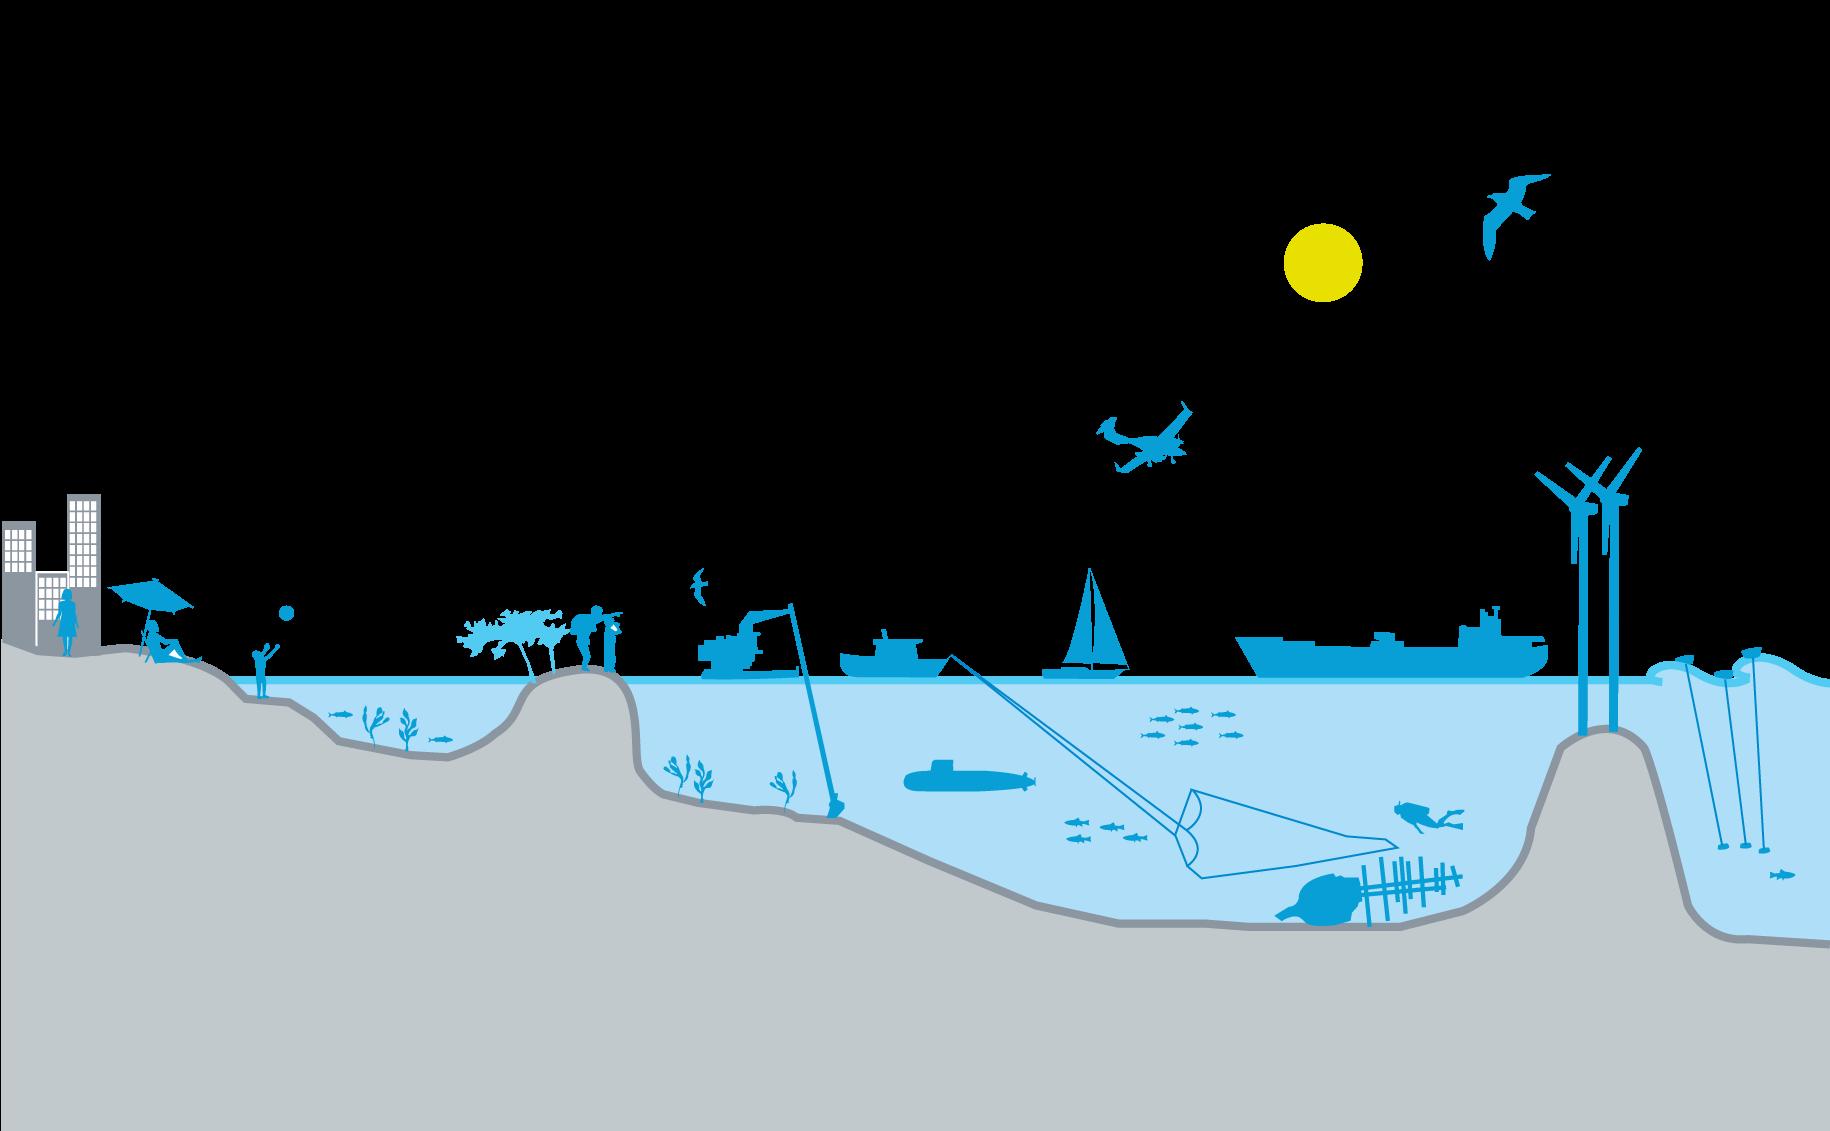 Sveriges första havsplaner